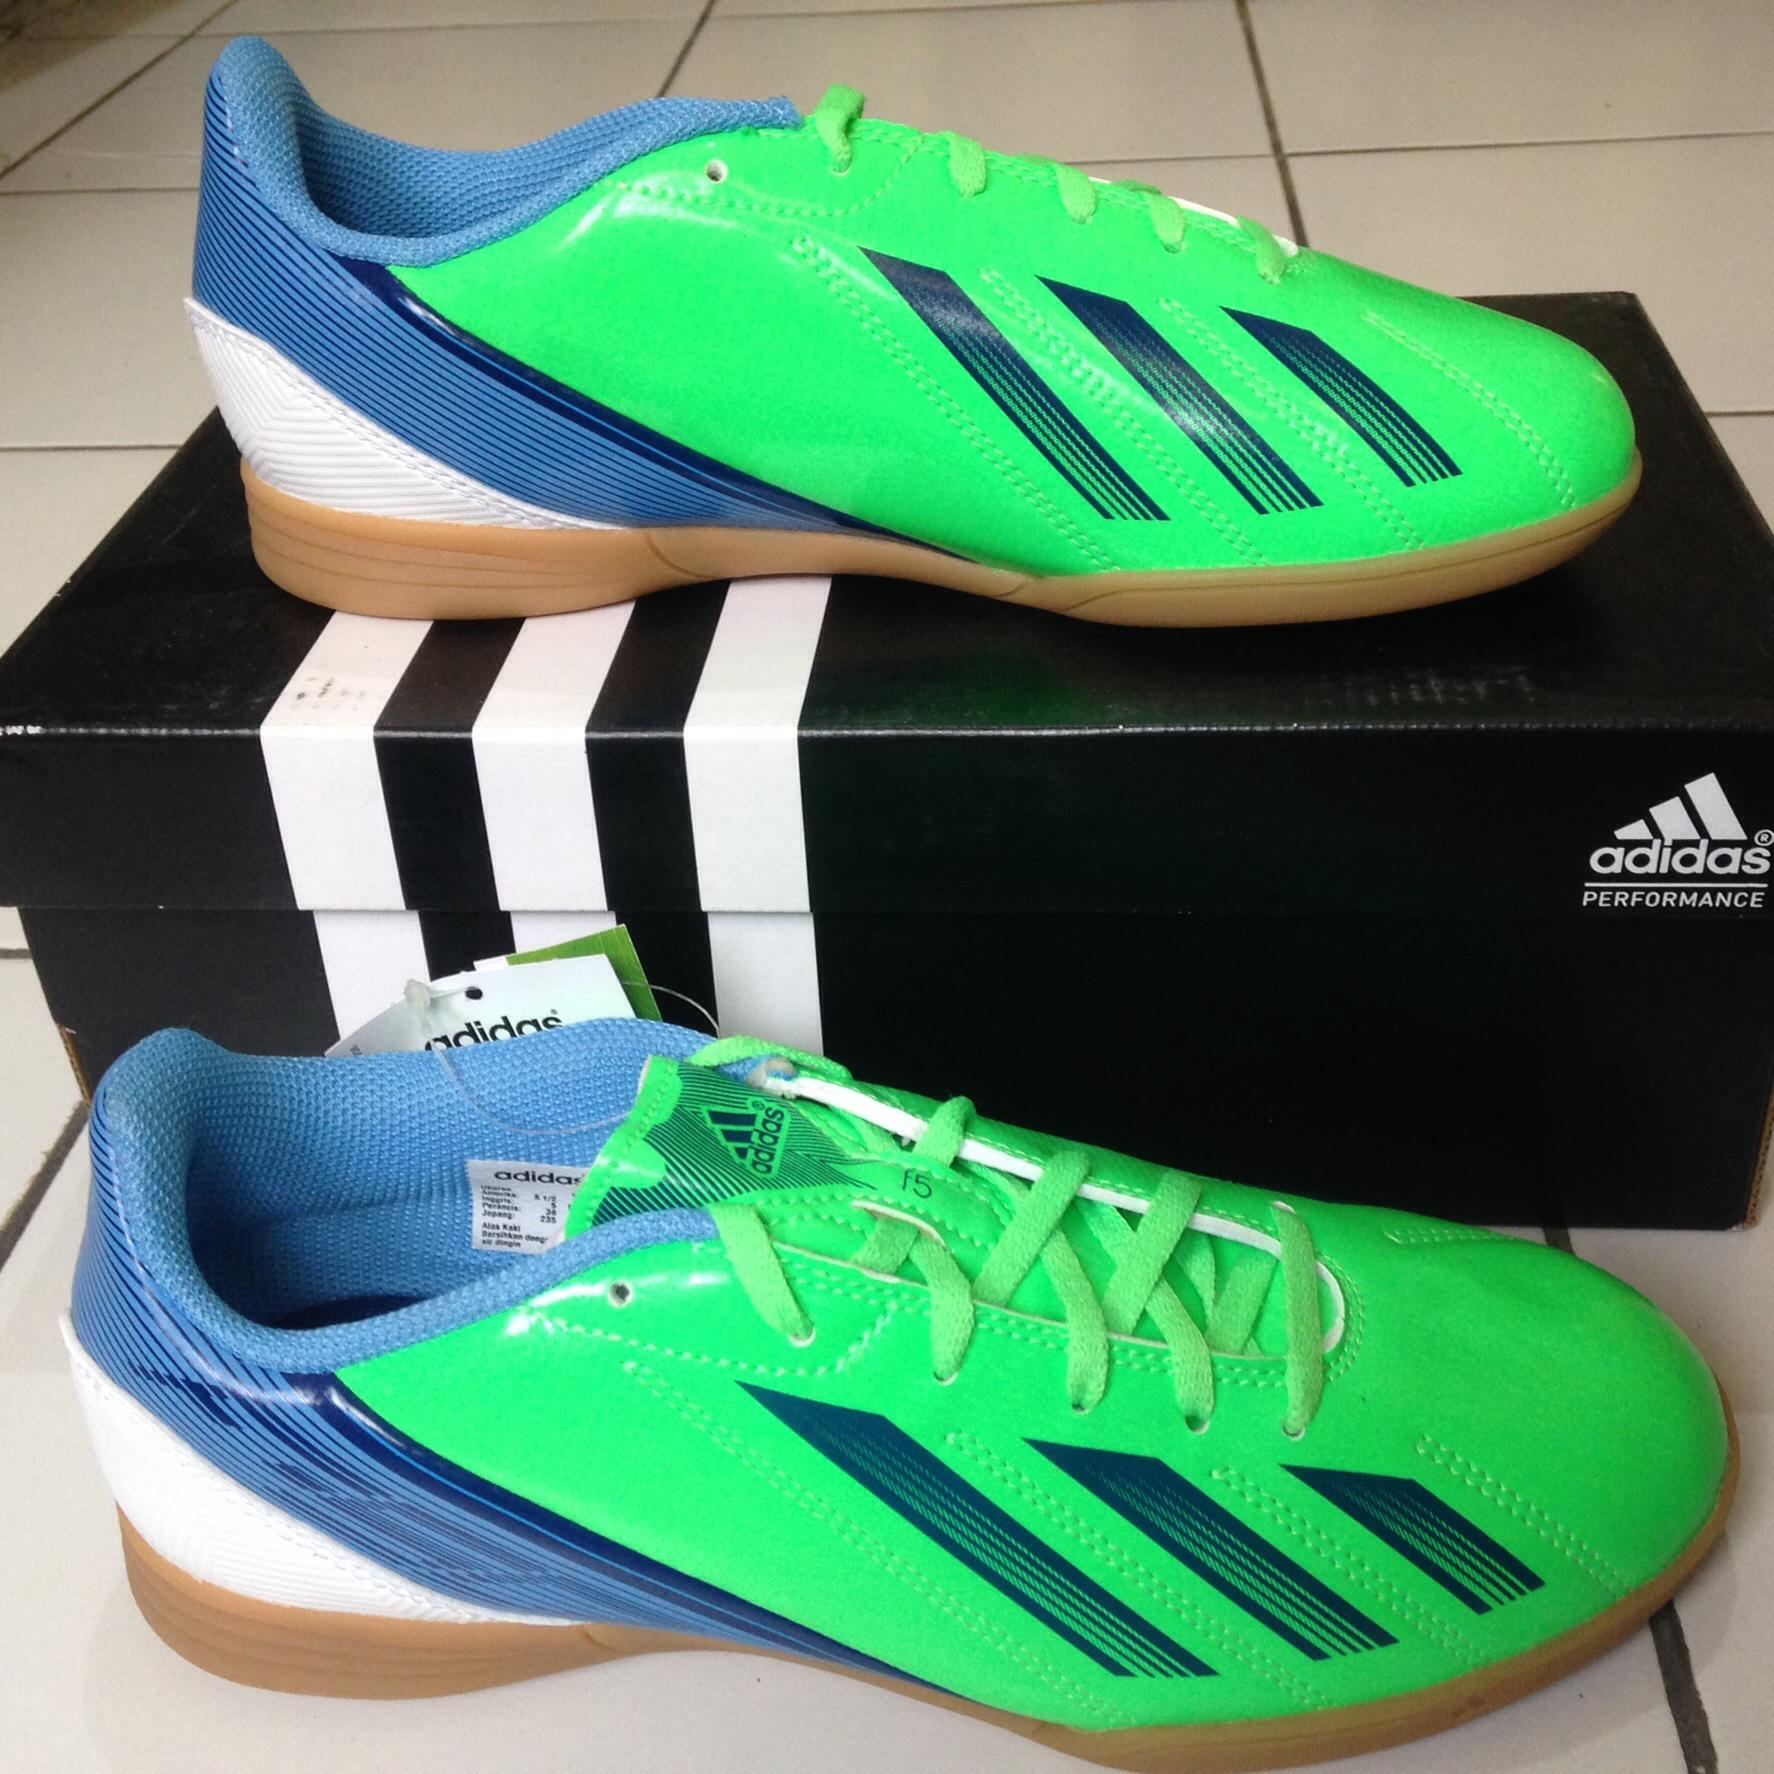 Jual Adidas F5 IN J Size 38. Sepatu Futsal - Sportsite